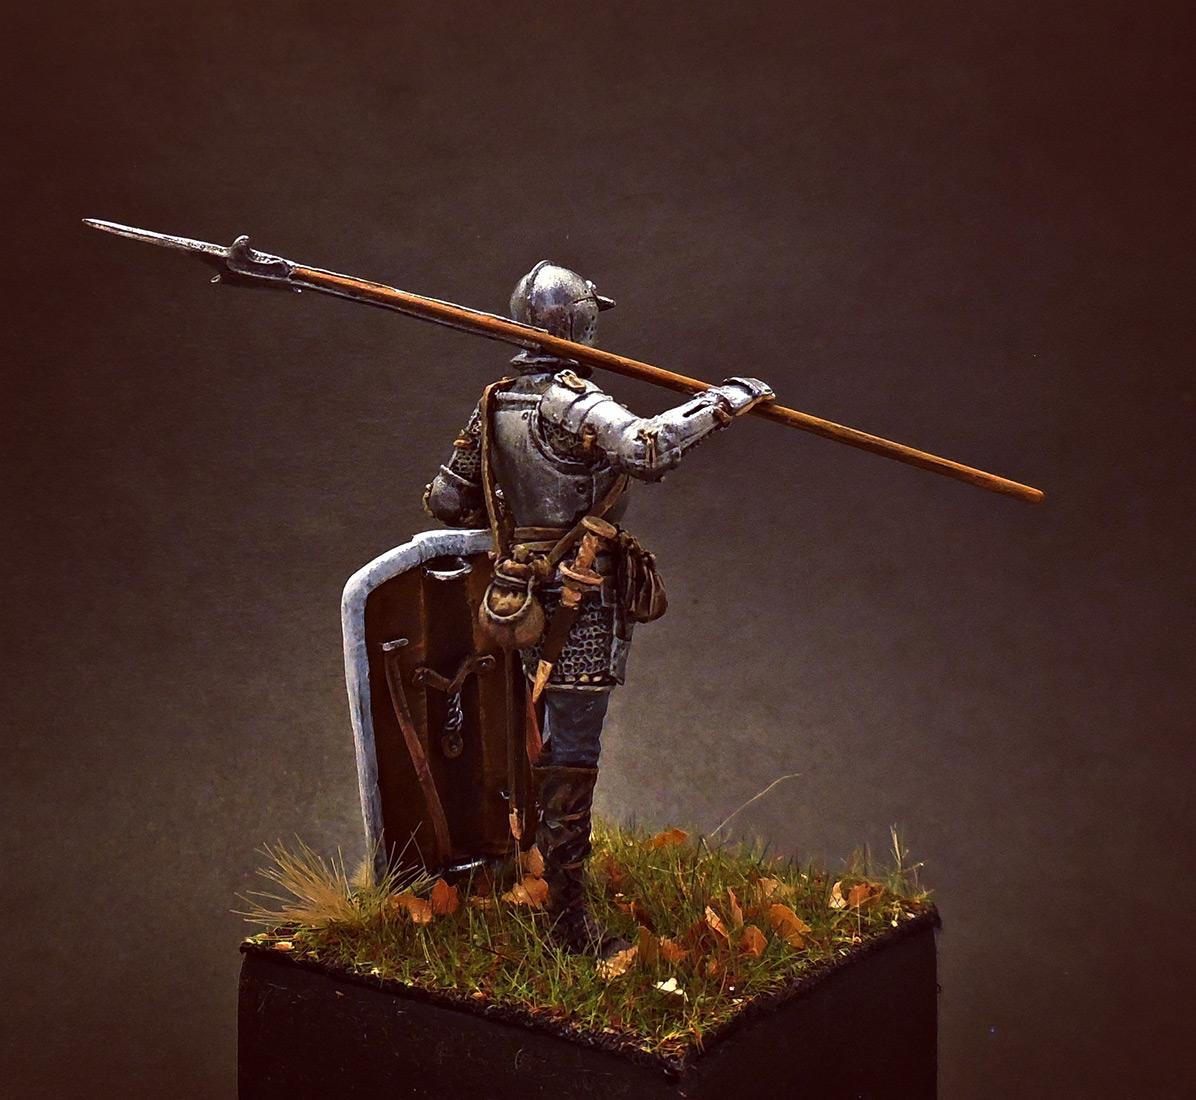 Figures: European soldier with halberd, 1510-25, photo #3